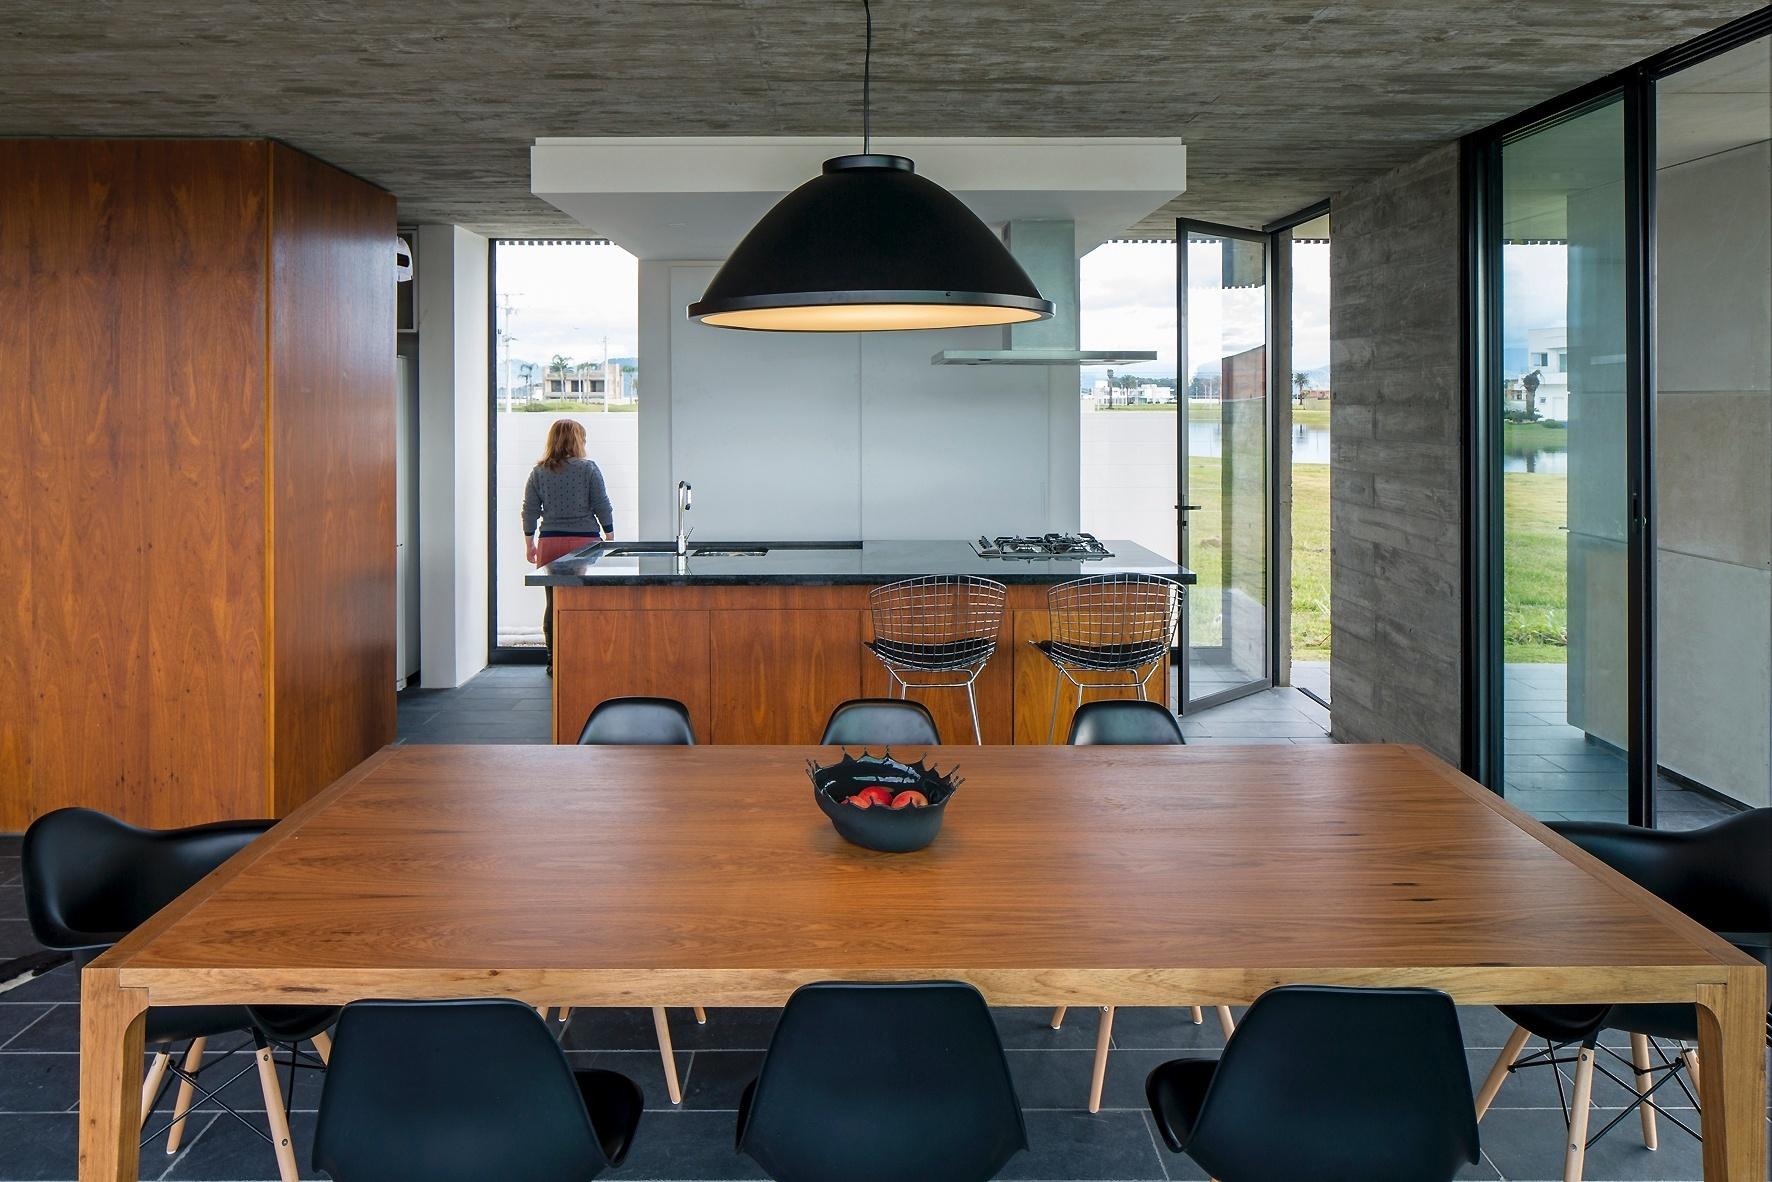 A integração entre a sala de jantar e a cozinha deu praticidade à rotina da Casa Xan, projetada pelo escritório MAPA, além de facilitar a circulação. A madeira itaúba promove interessante contraste com o concreto aparente e aquece o ambiente